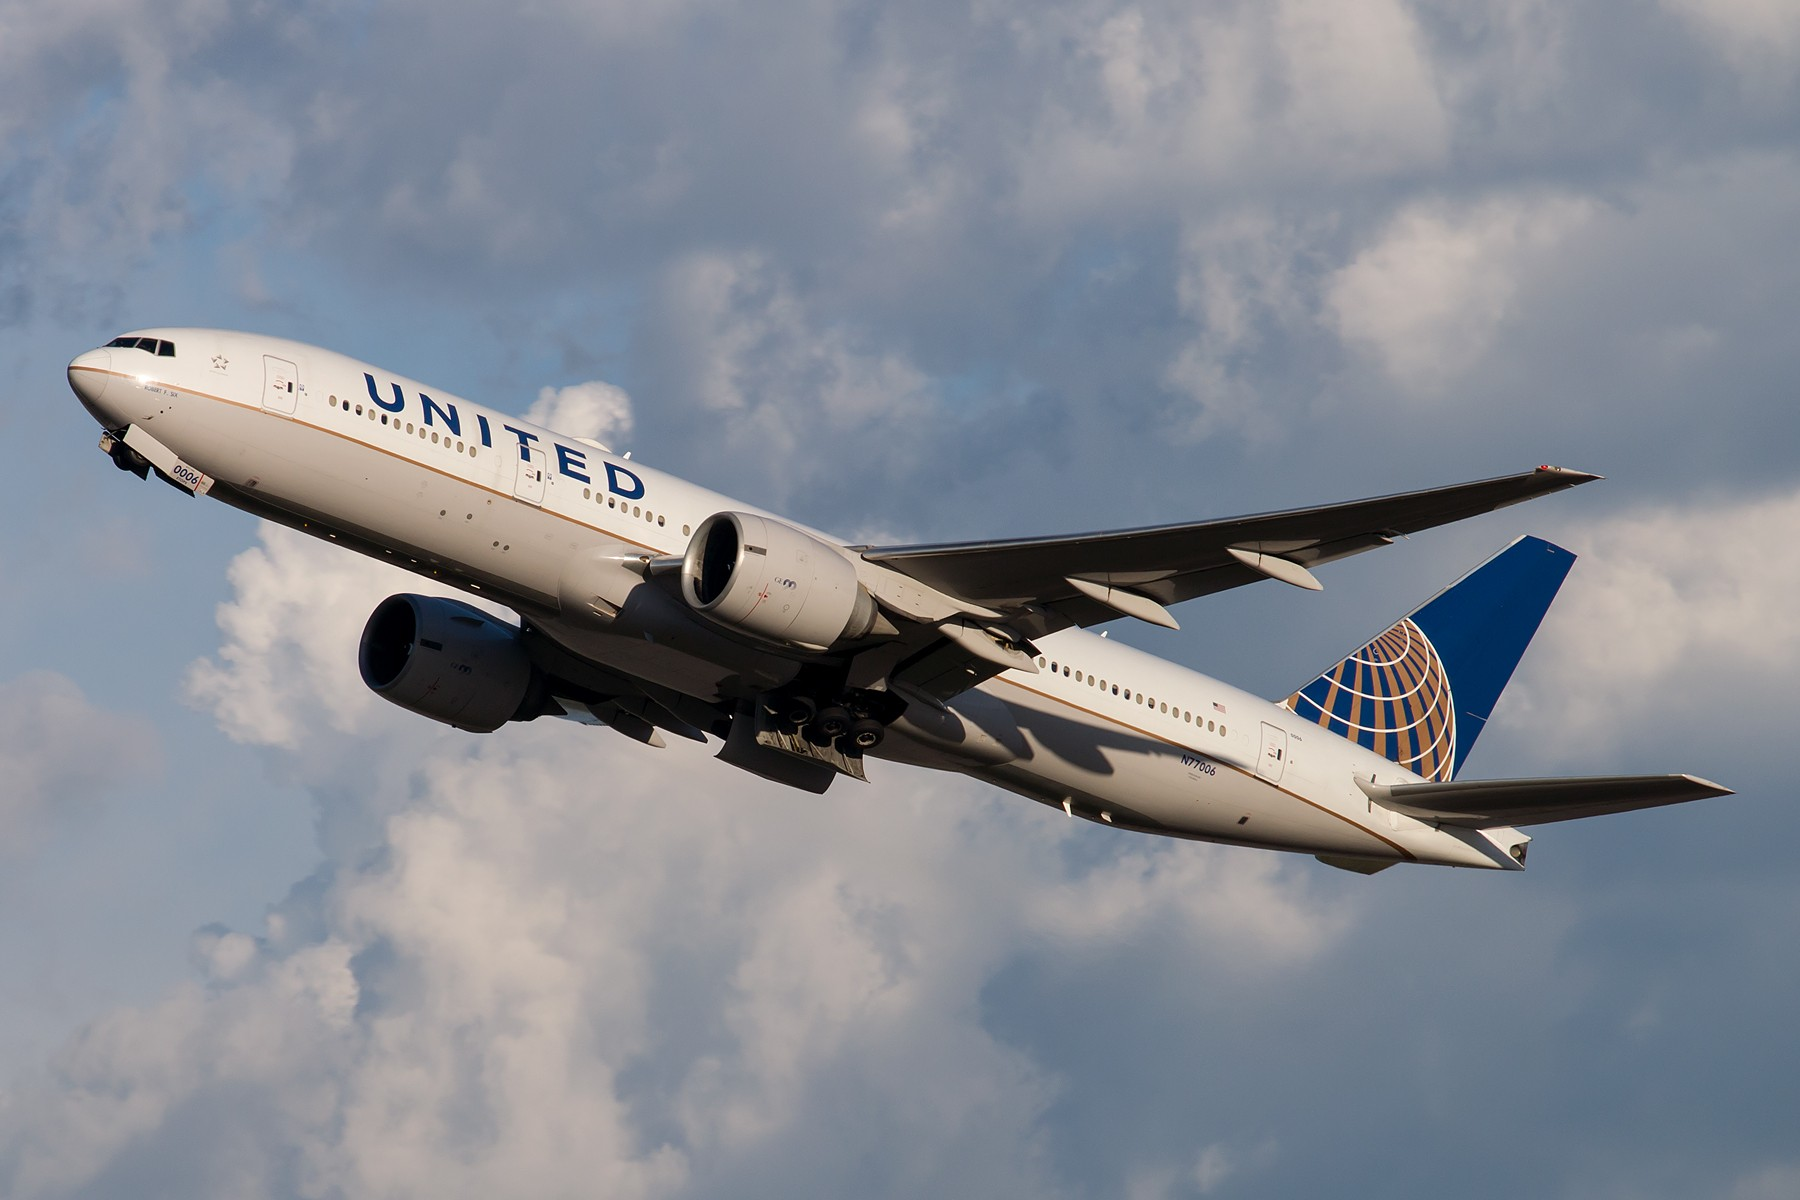 [原创][一图党] 美国联合航空 N77006 B777-200ER 1800*1200 BOEING B777-200ER N77006 中国北京首都国际机场